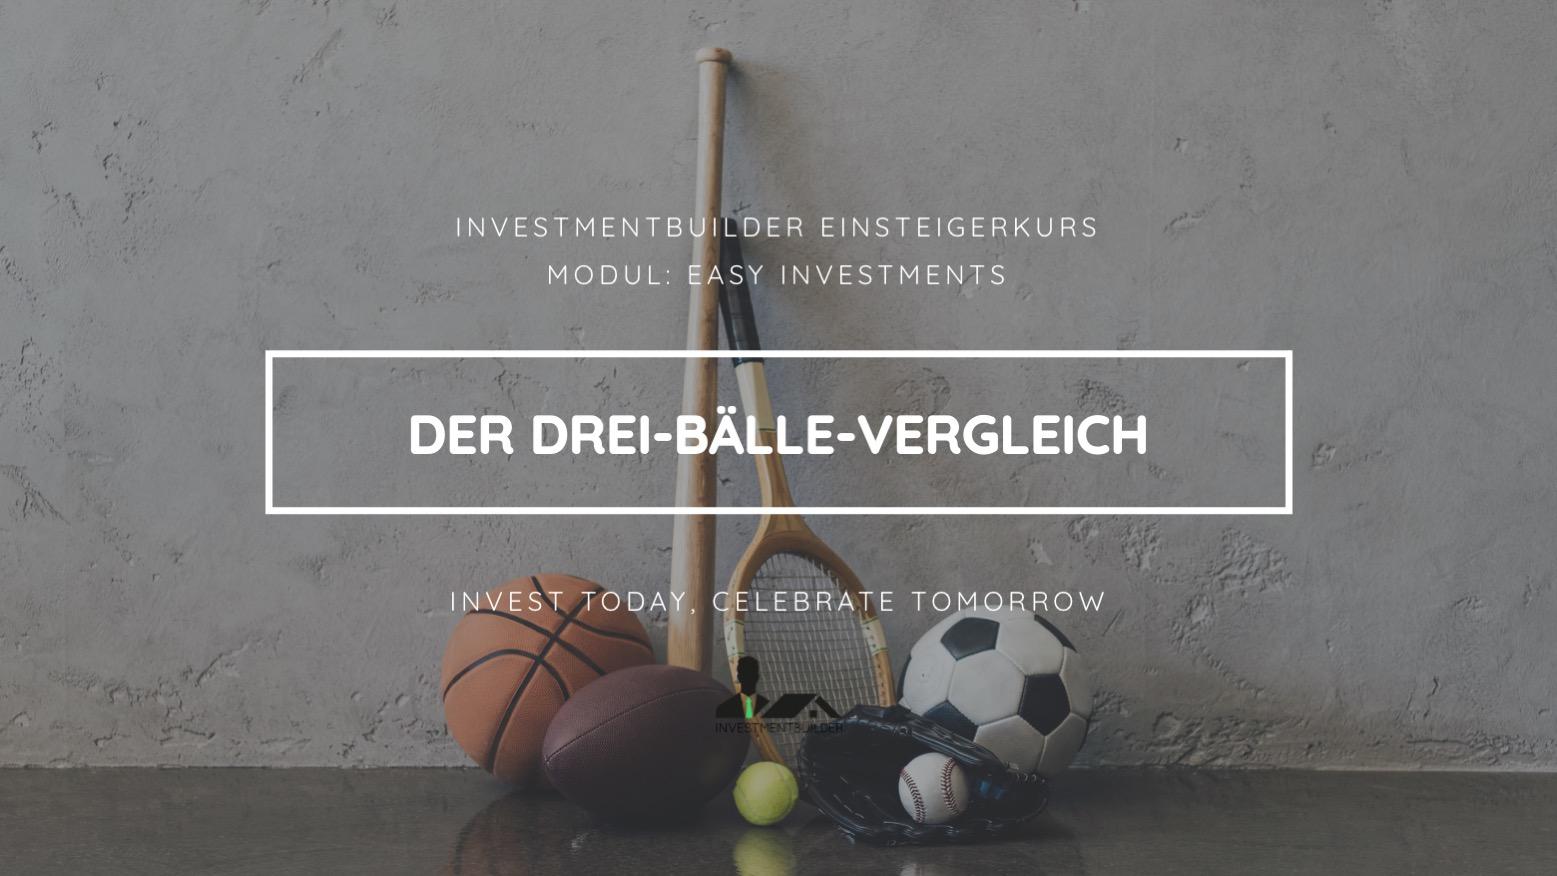 Investmentbuilder Einsteigerkurs- Der drei Bällevergleich